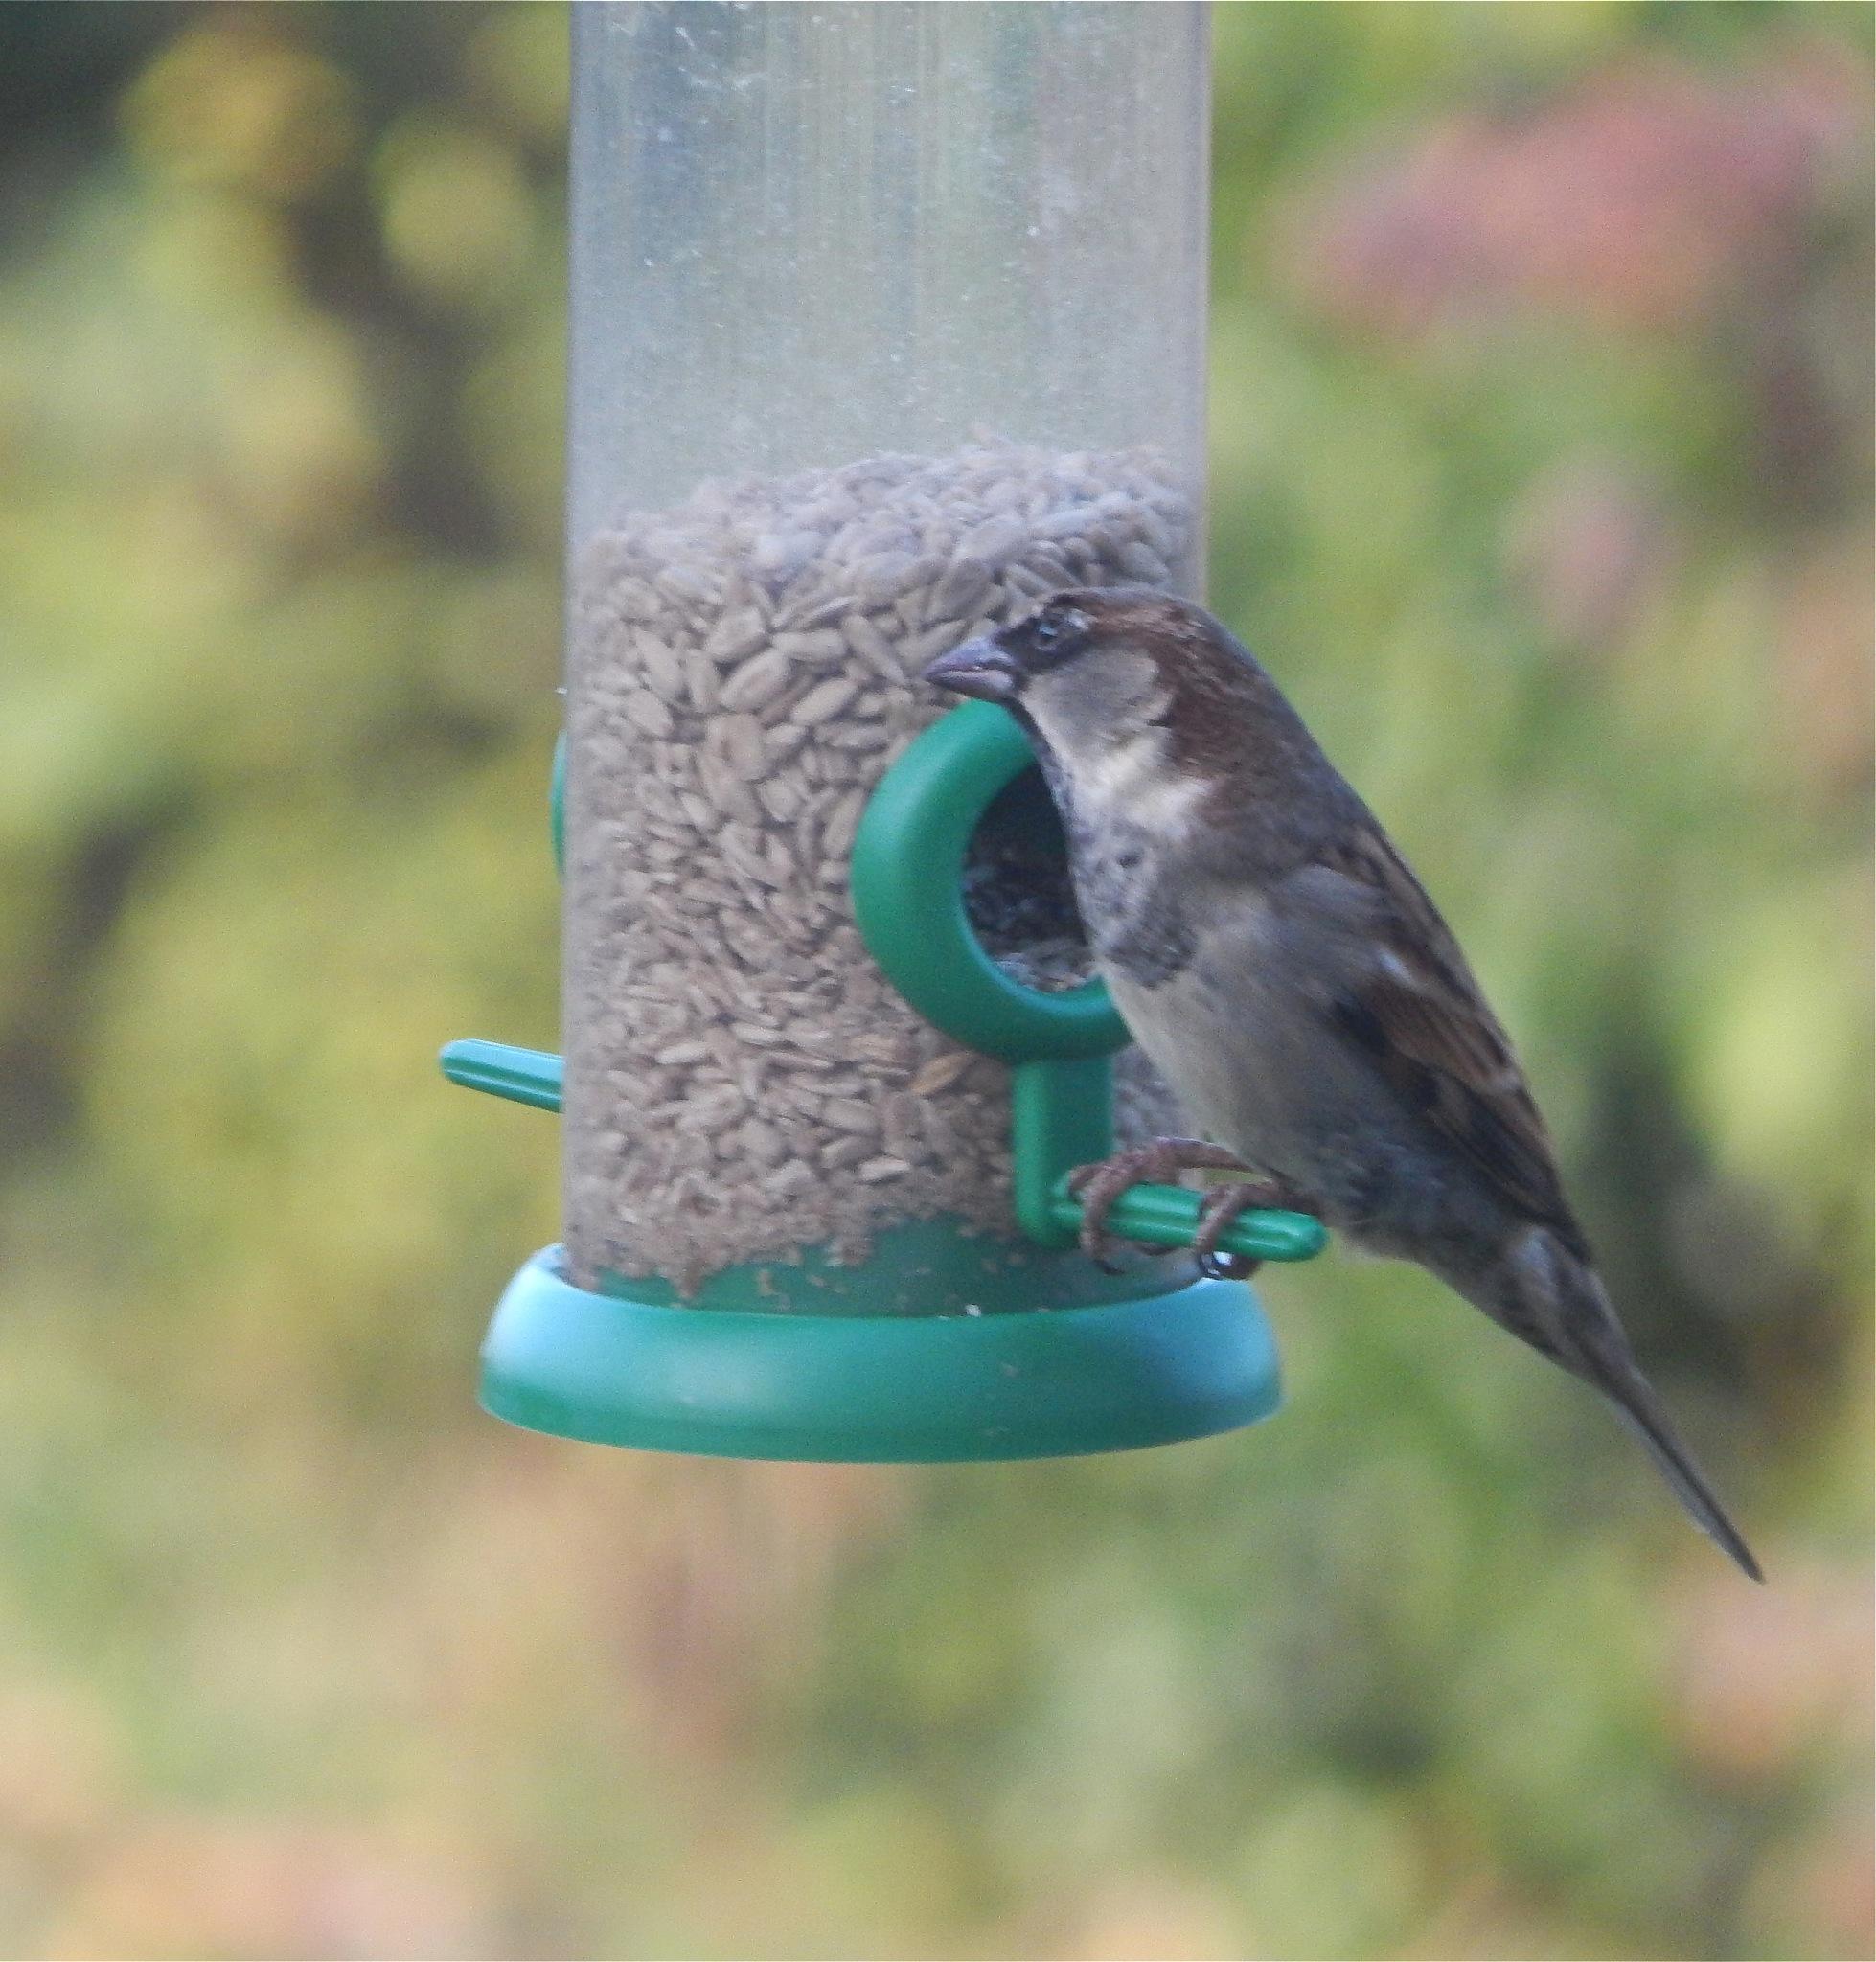 bird 6/20 by nikita.buckley.9